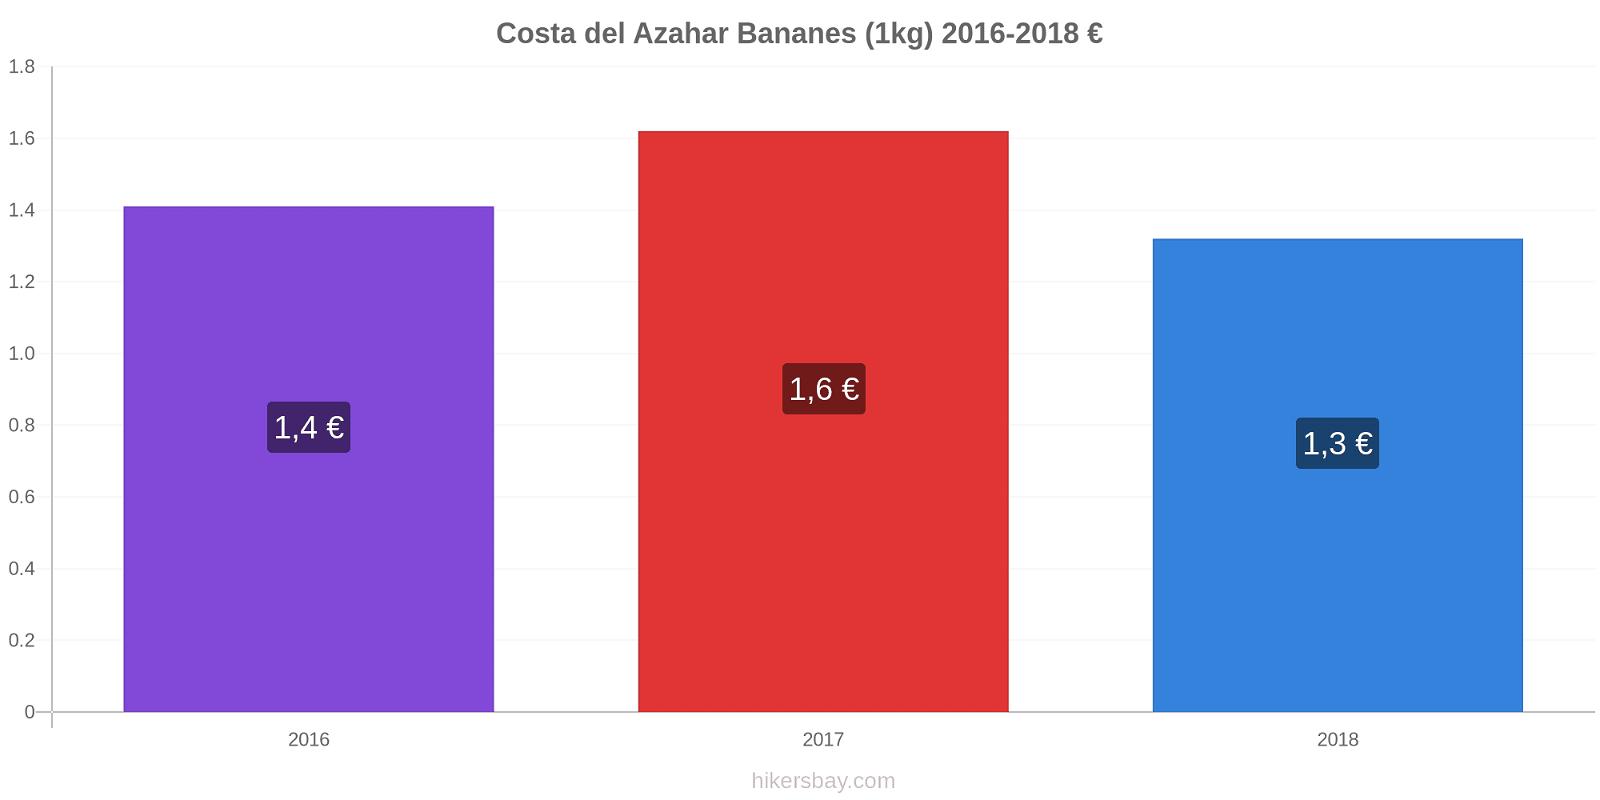 Costa del Azahar changements de prix Bananes (1kg) hikersbay.com